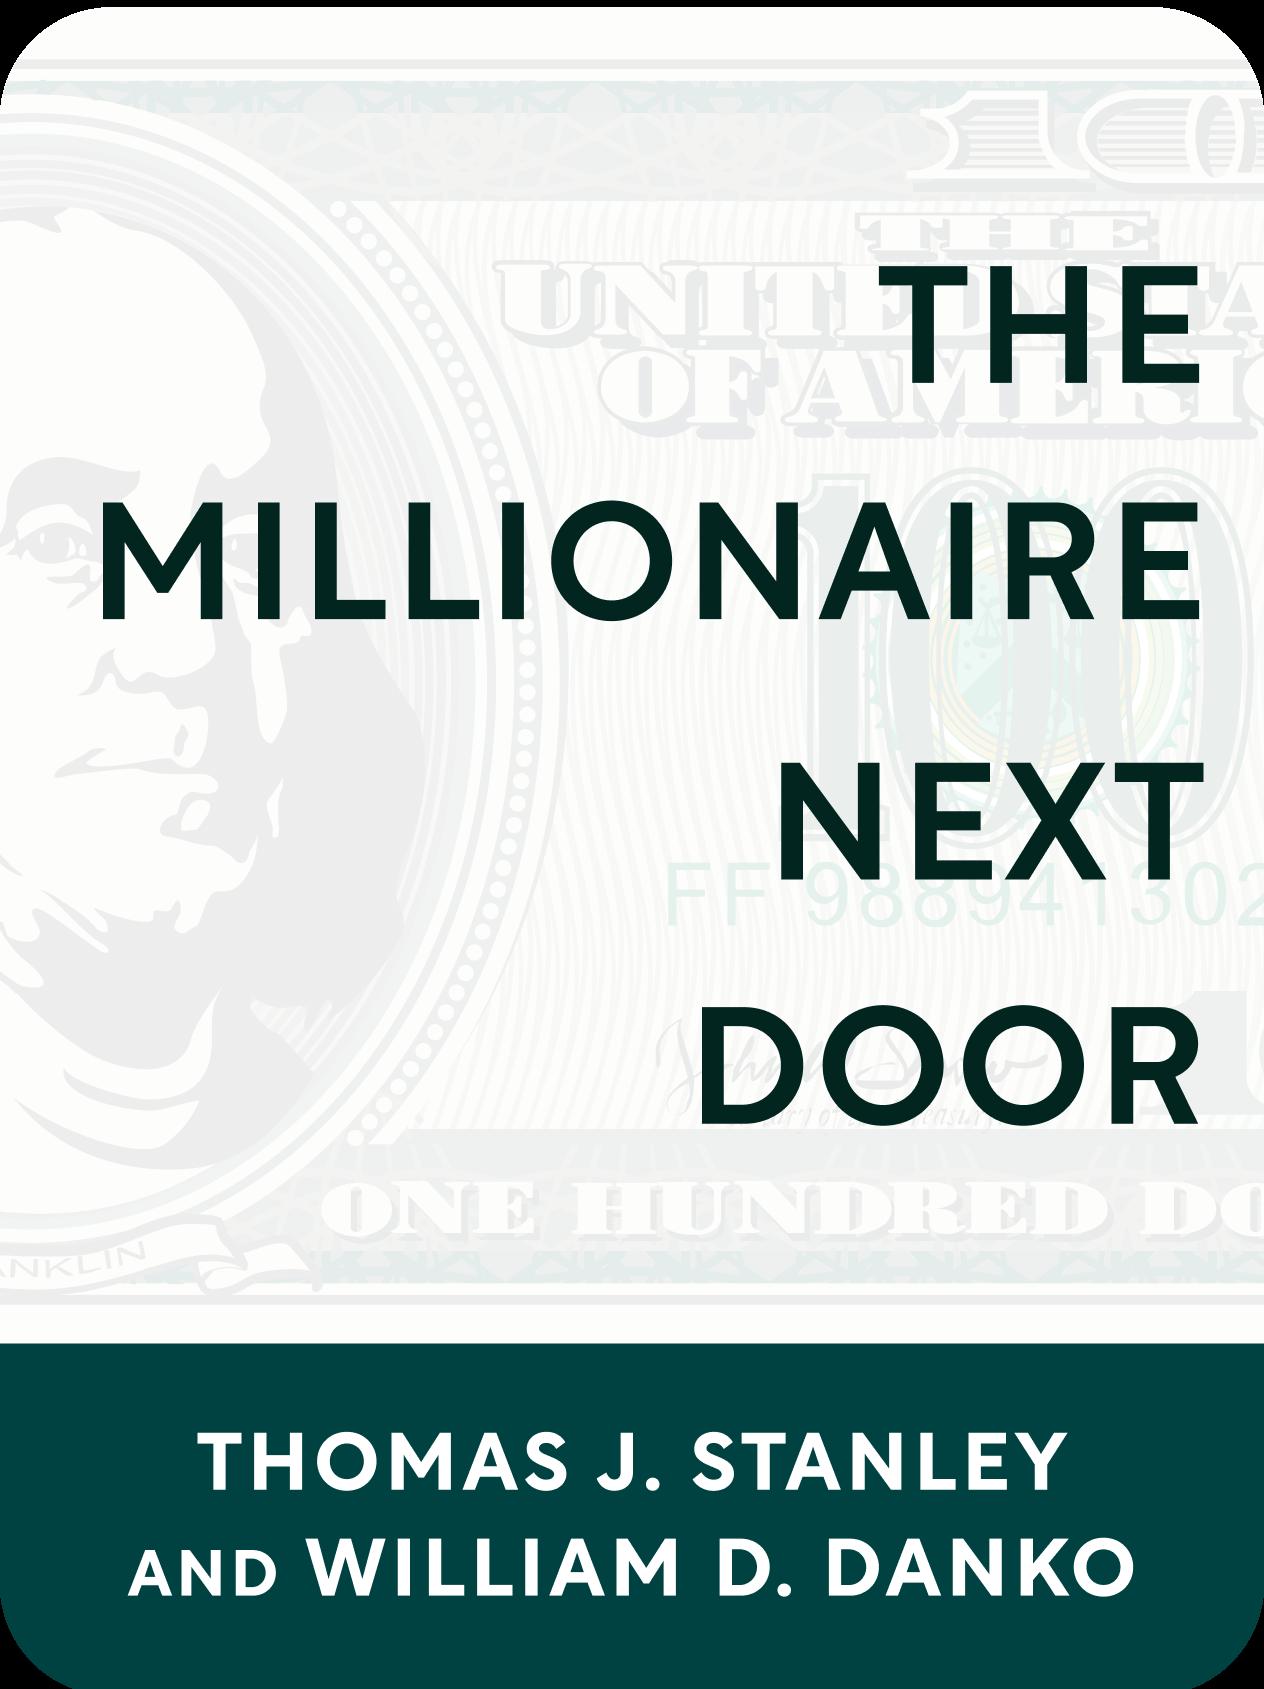 The Millionaire Next Door PDF Free Download